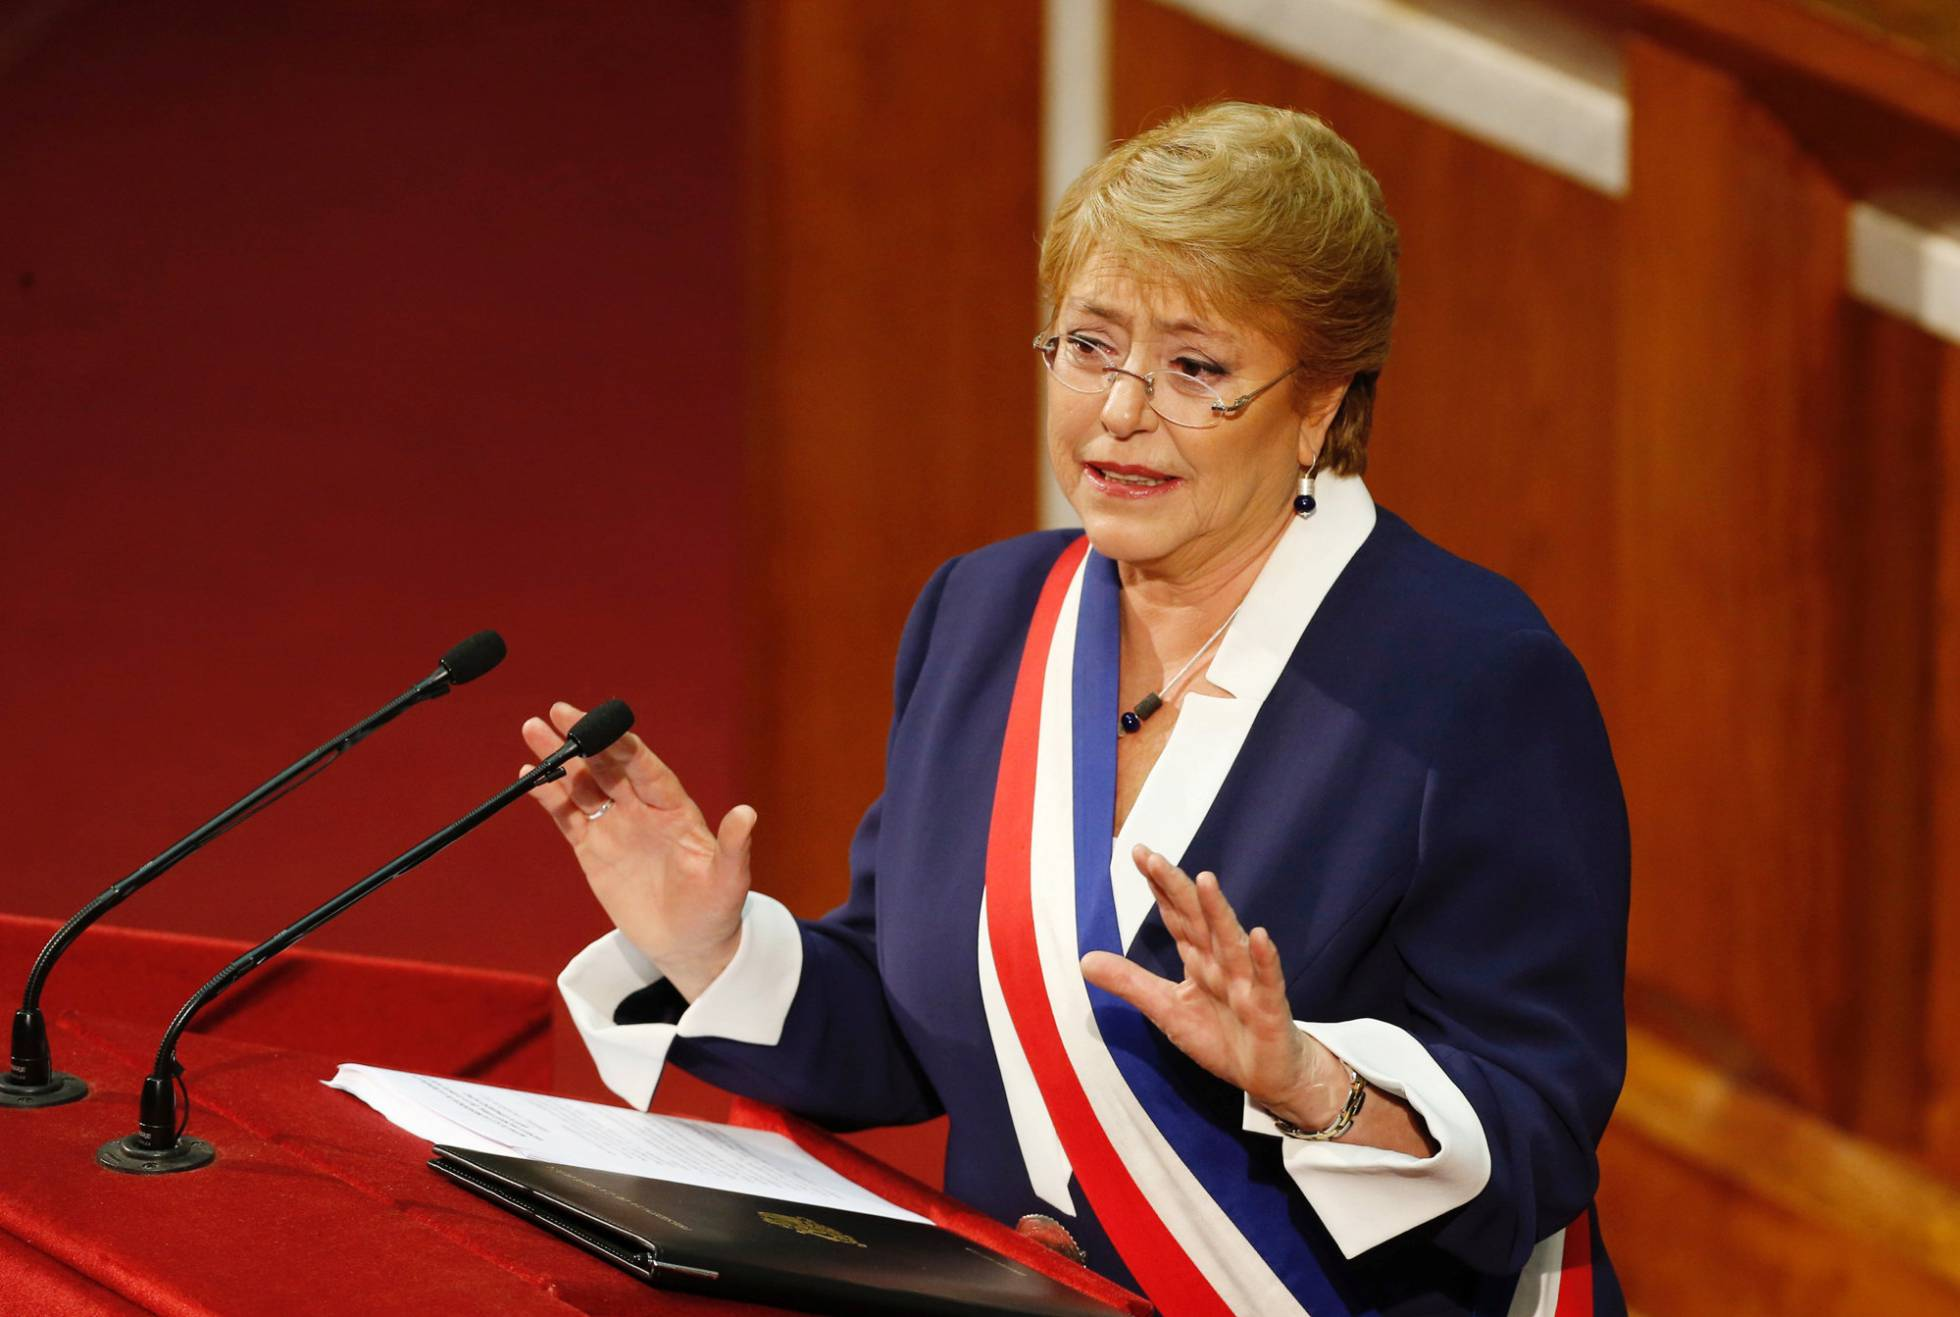 Banco Mundial admite que manipulou dados sobre o Chile contra o Governo de Bachelet